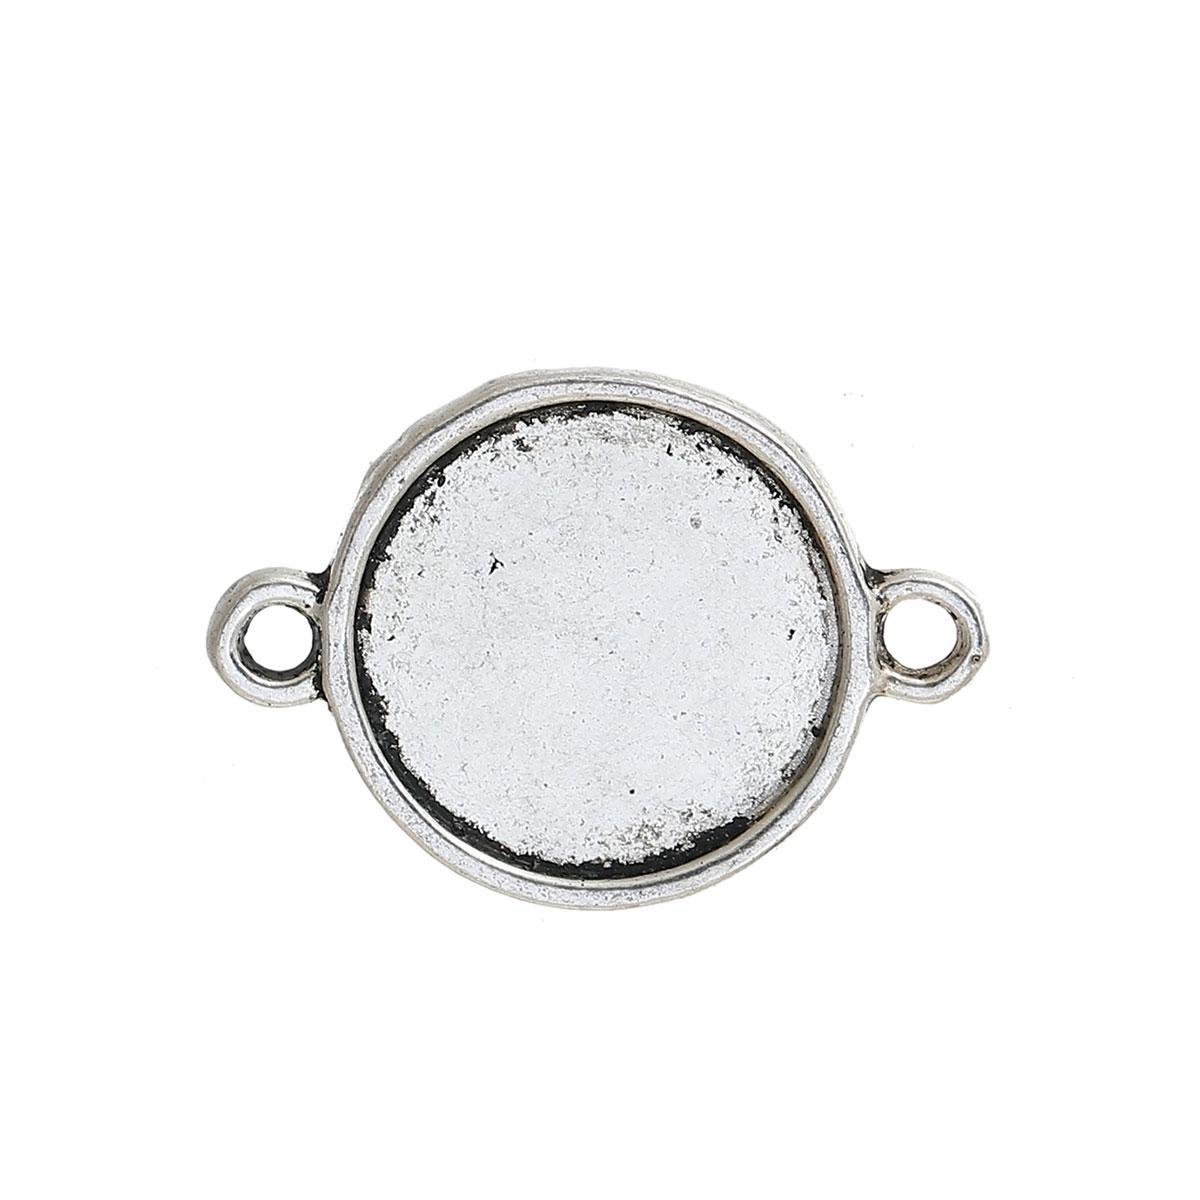 Конектор Круглий, Колір: Античне срібло, Основа для Кабошона (для 12 мм), 20 мм x 14 мм